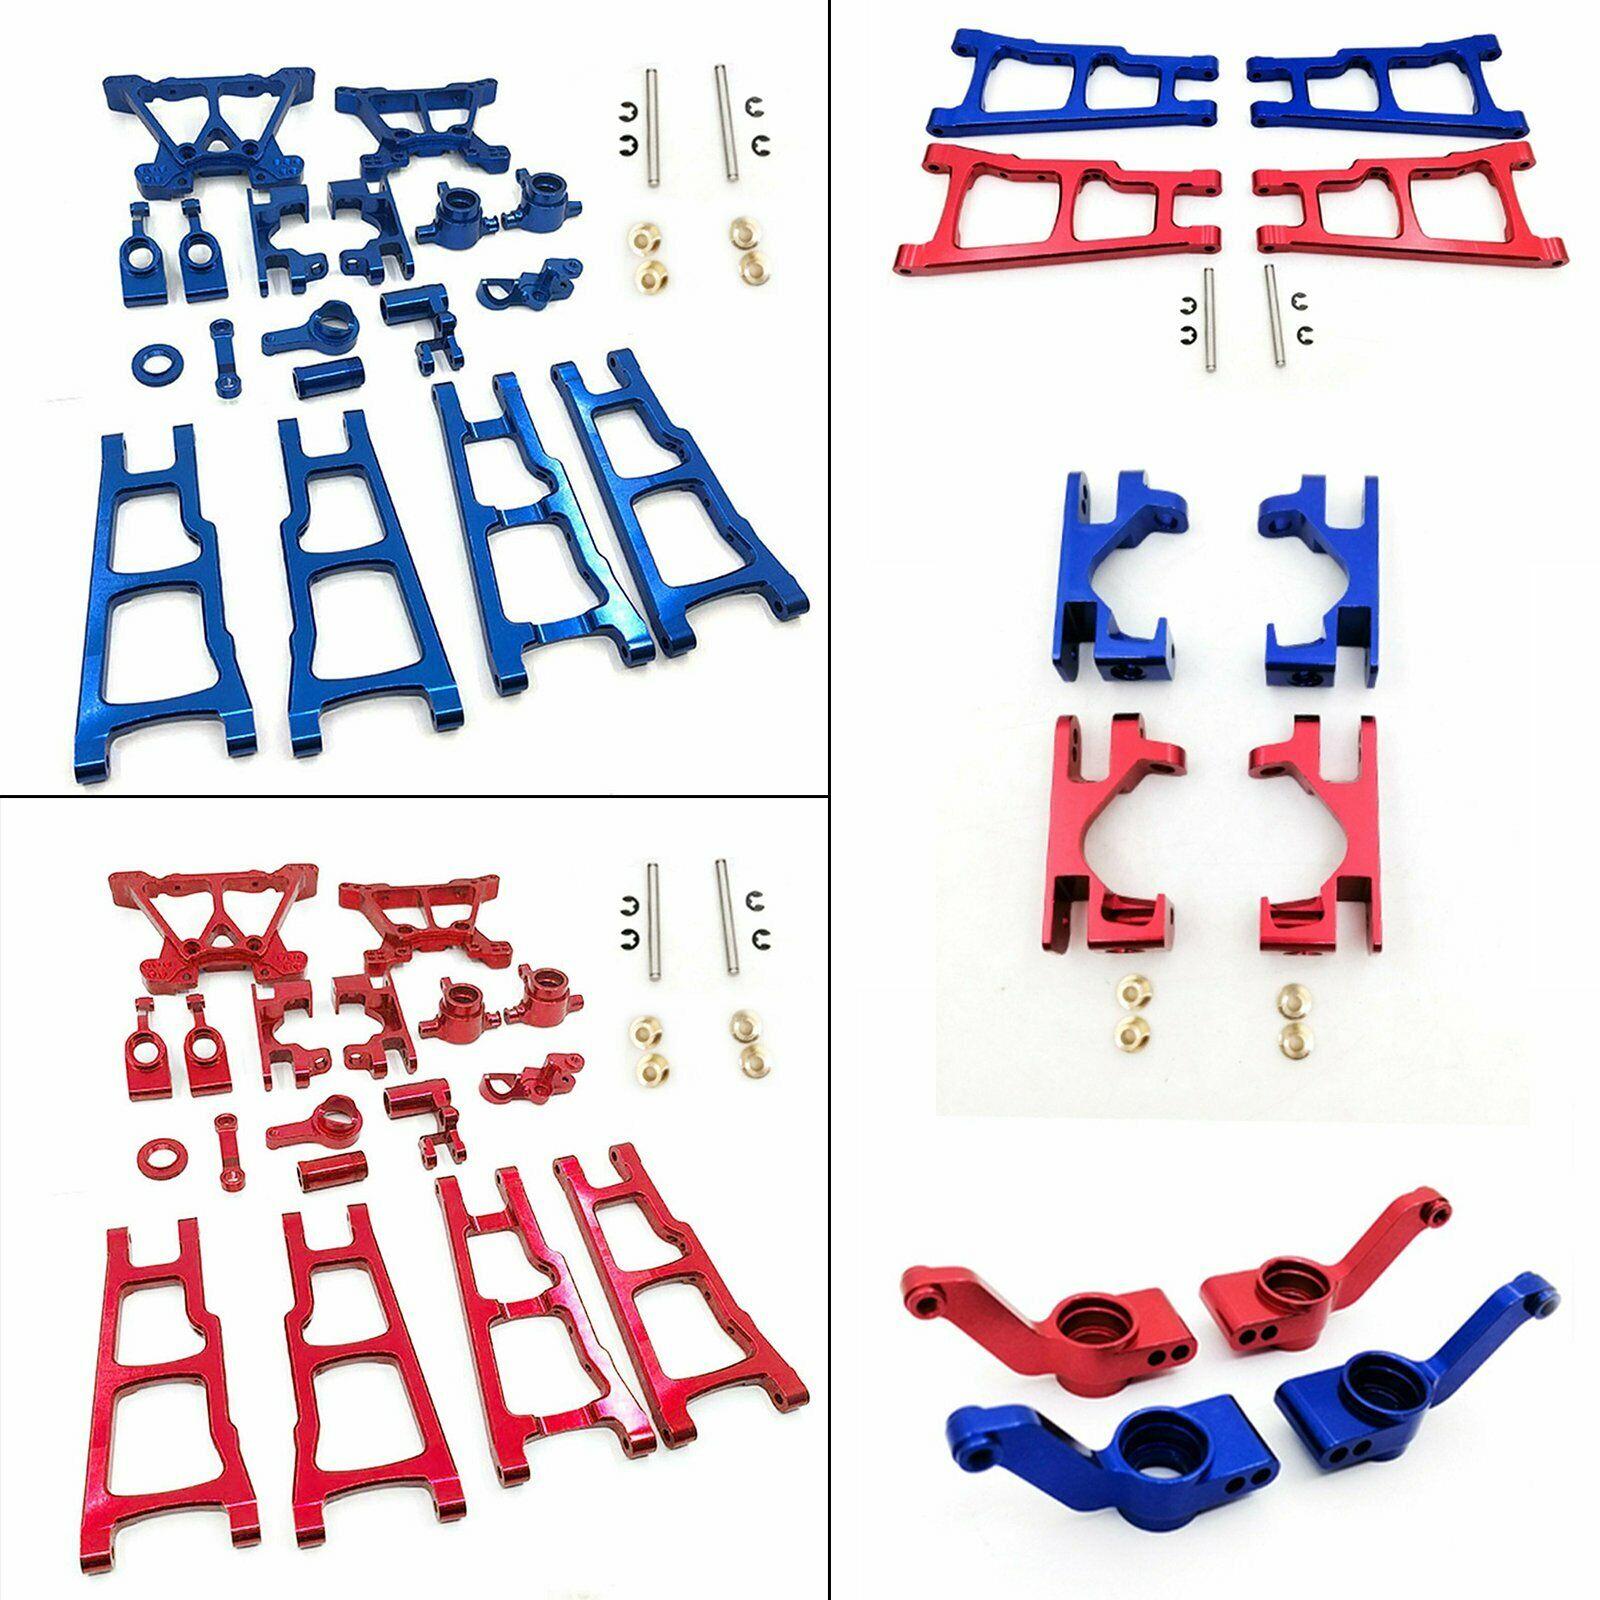 For 1 10 TRAXXAS SLASH 4x4 Aluminum Upgrade RC Crawler  Refit Parts Accessories  economico e di alta qualità